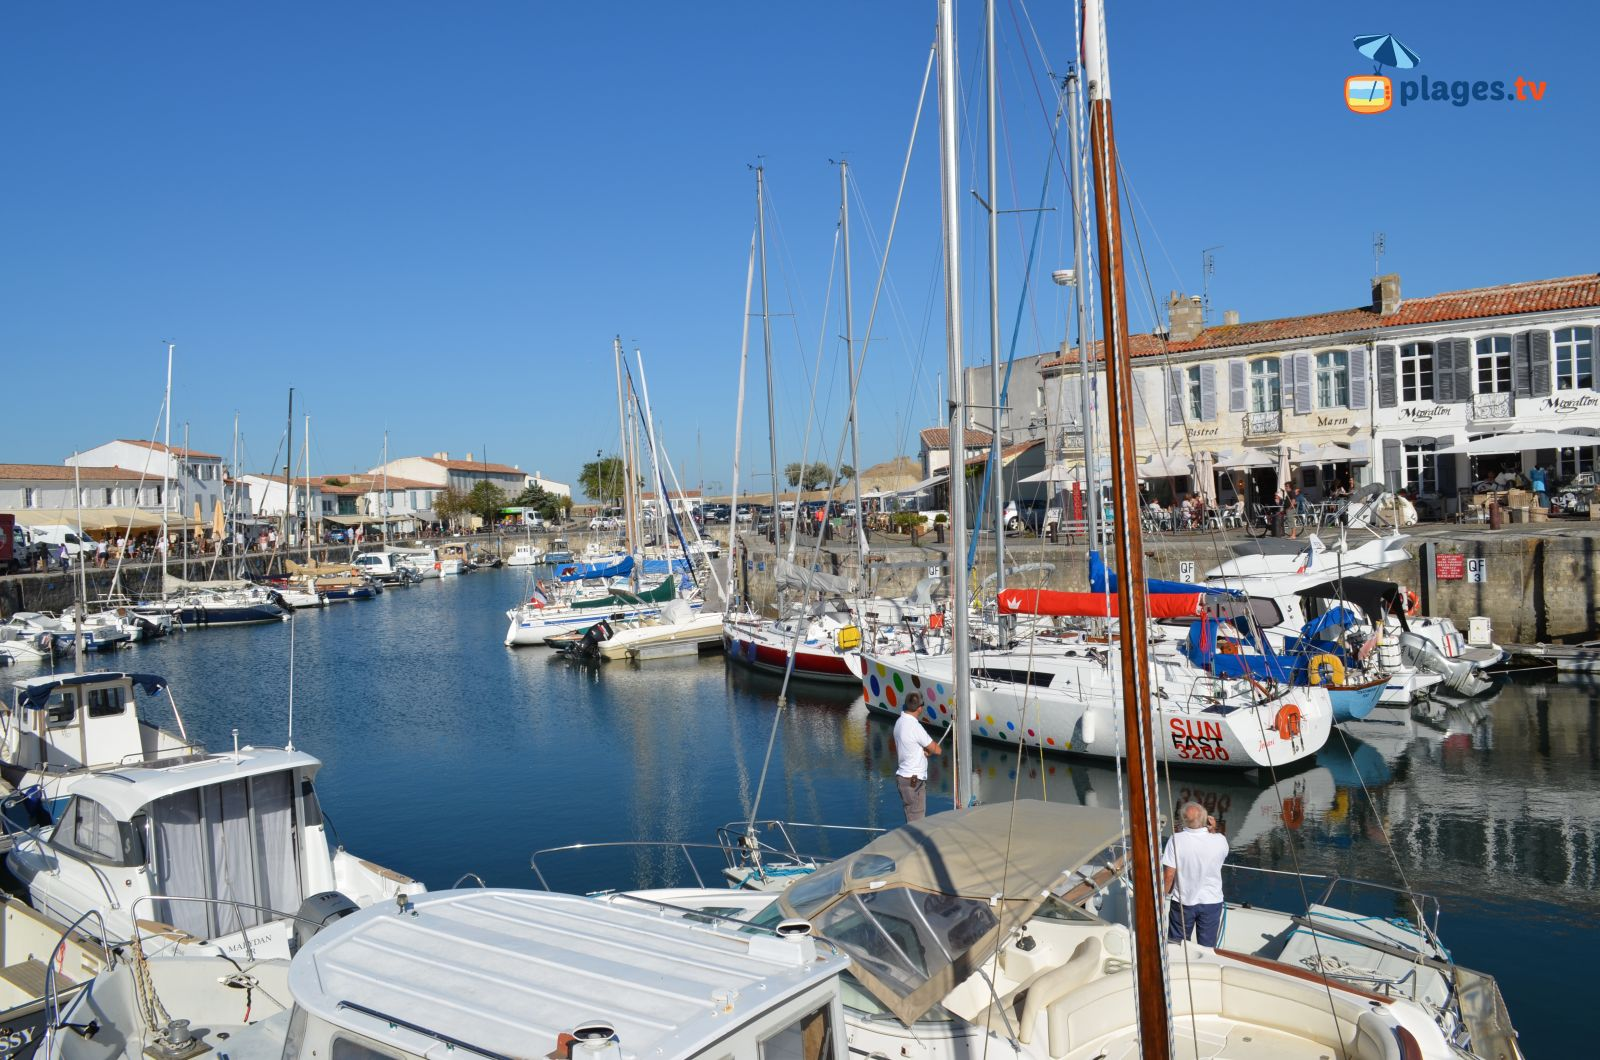 Vue sur le port de saint martin de ré